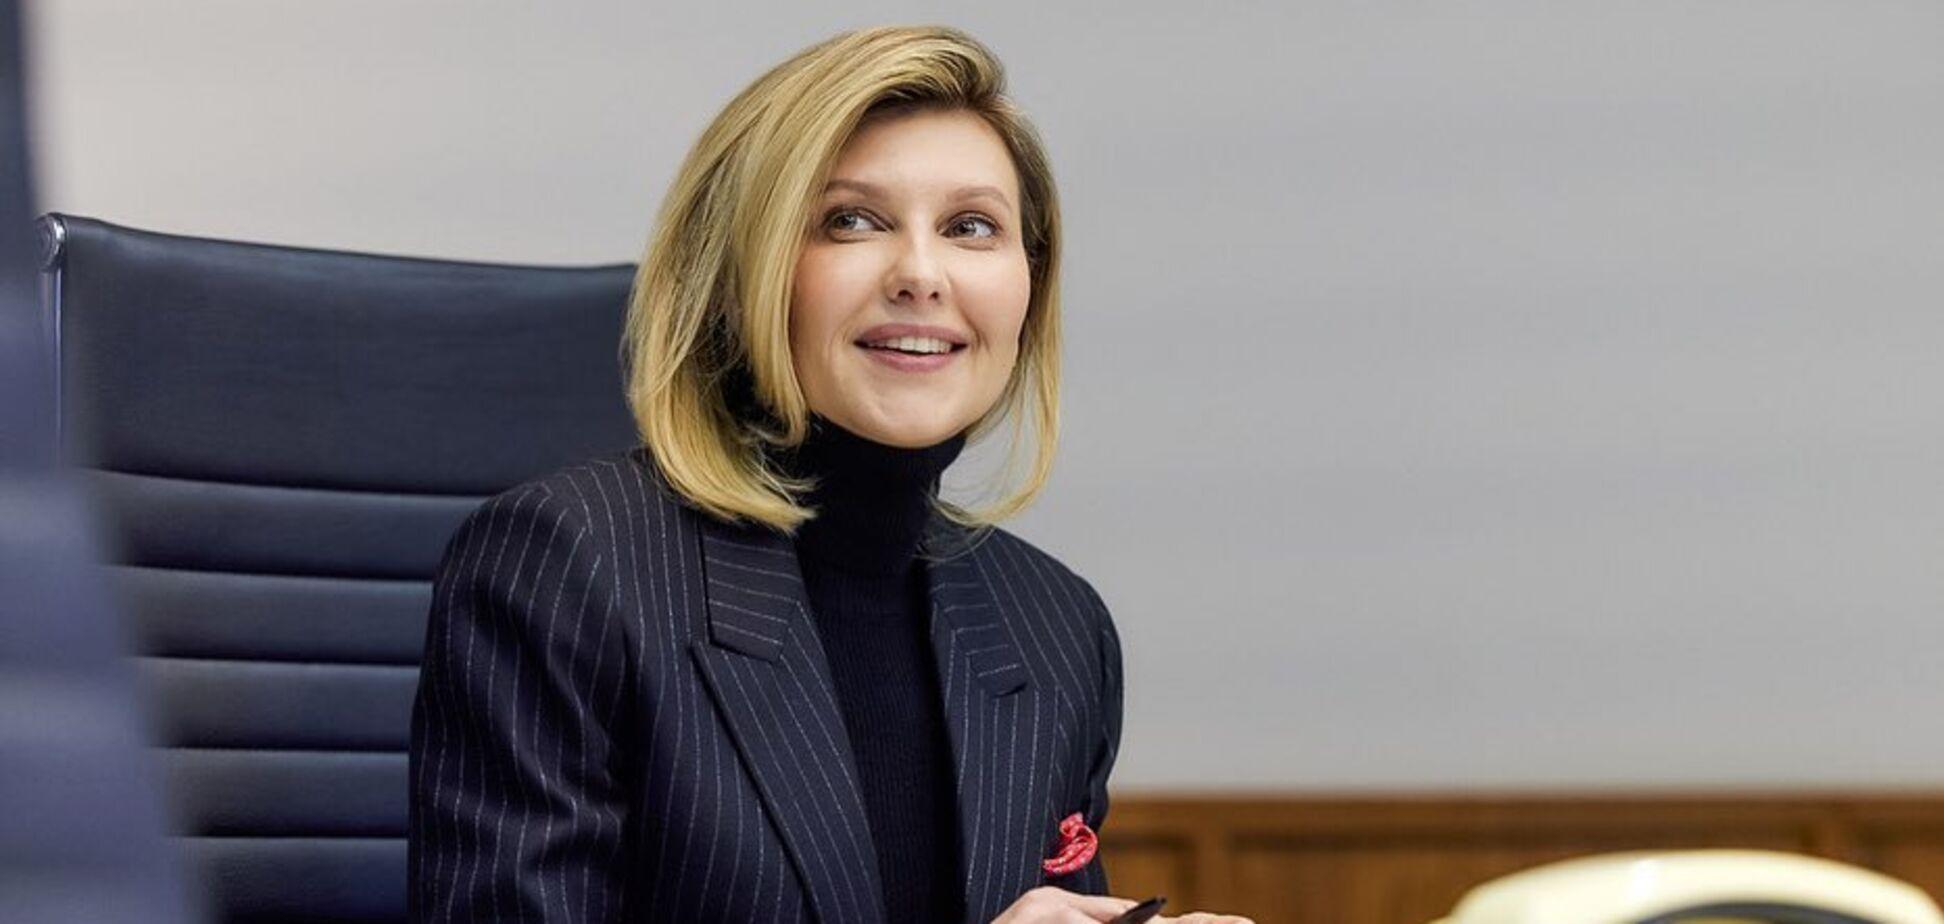 Зеленська отримала близько 1 млн гривень за роботу у 'Кварталі 95'